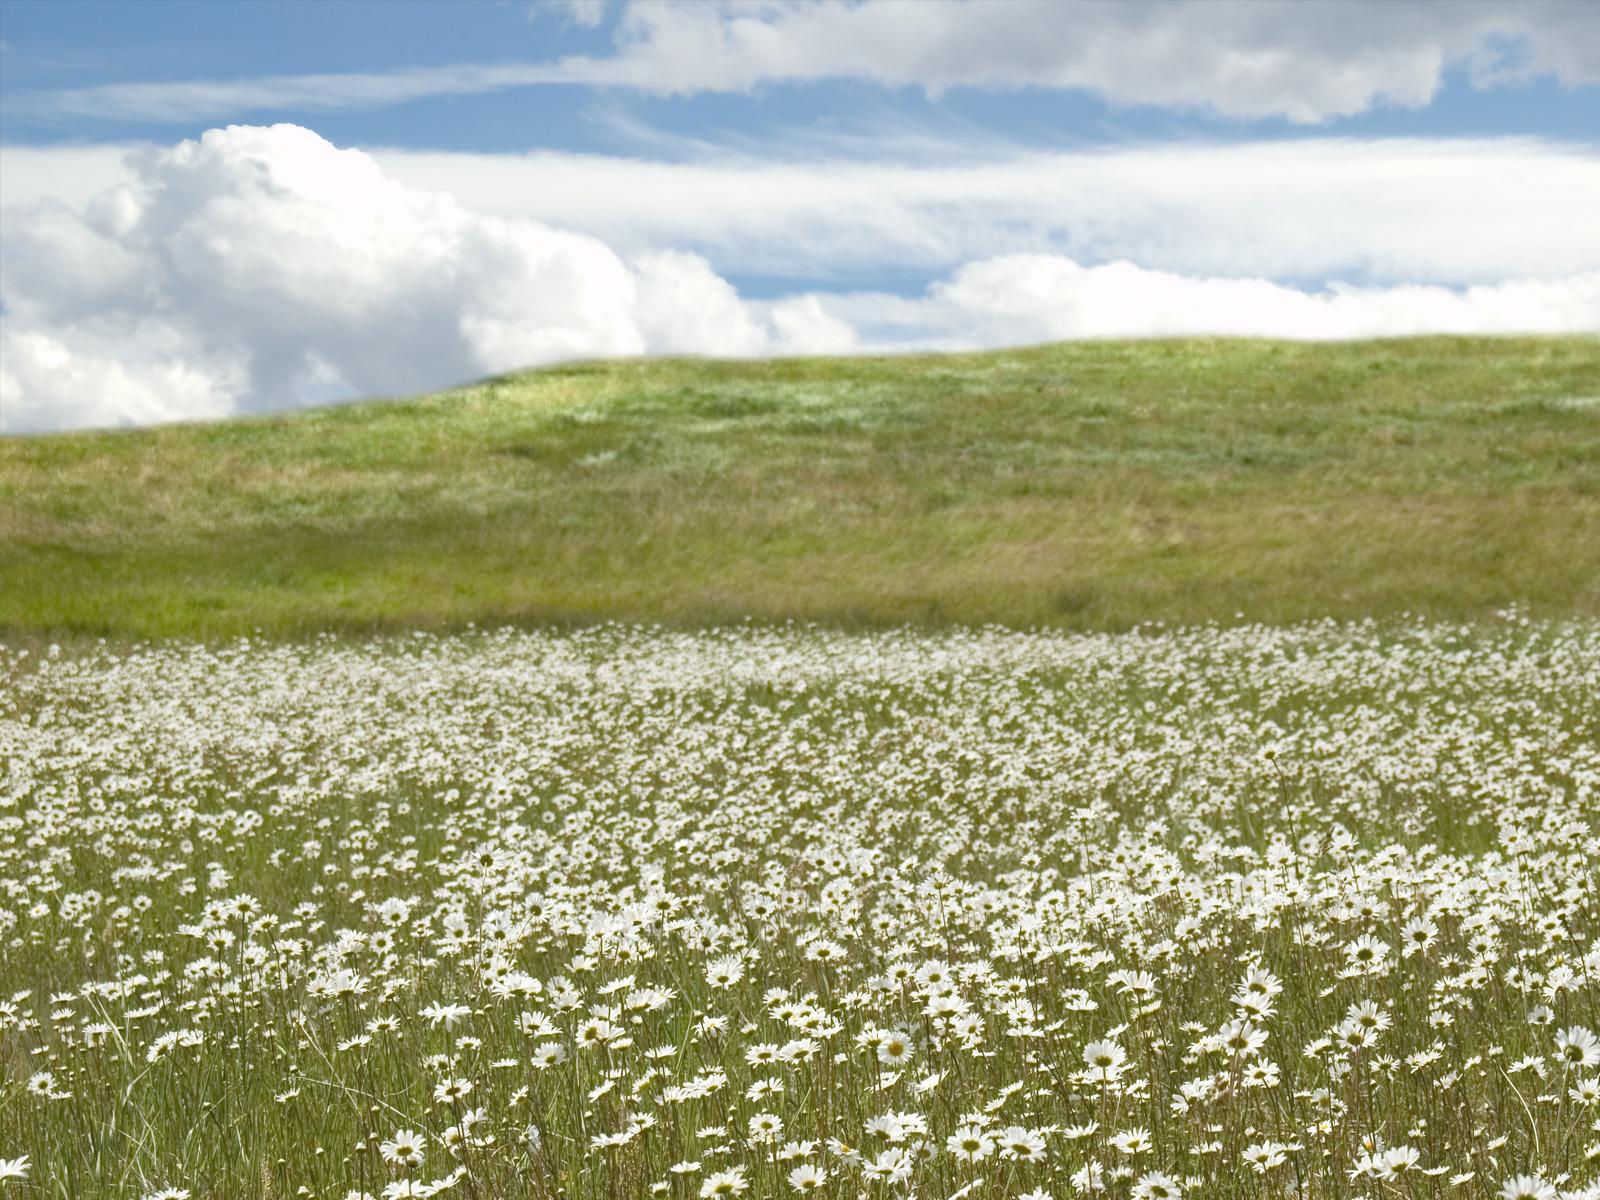 Wallpaper: Hd Wallpaper Meadow